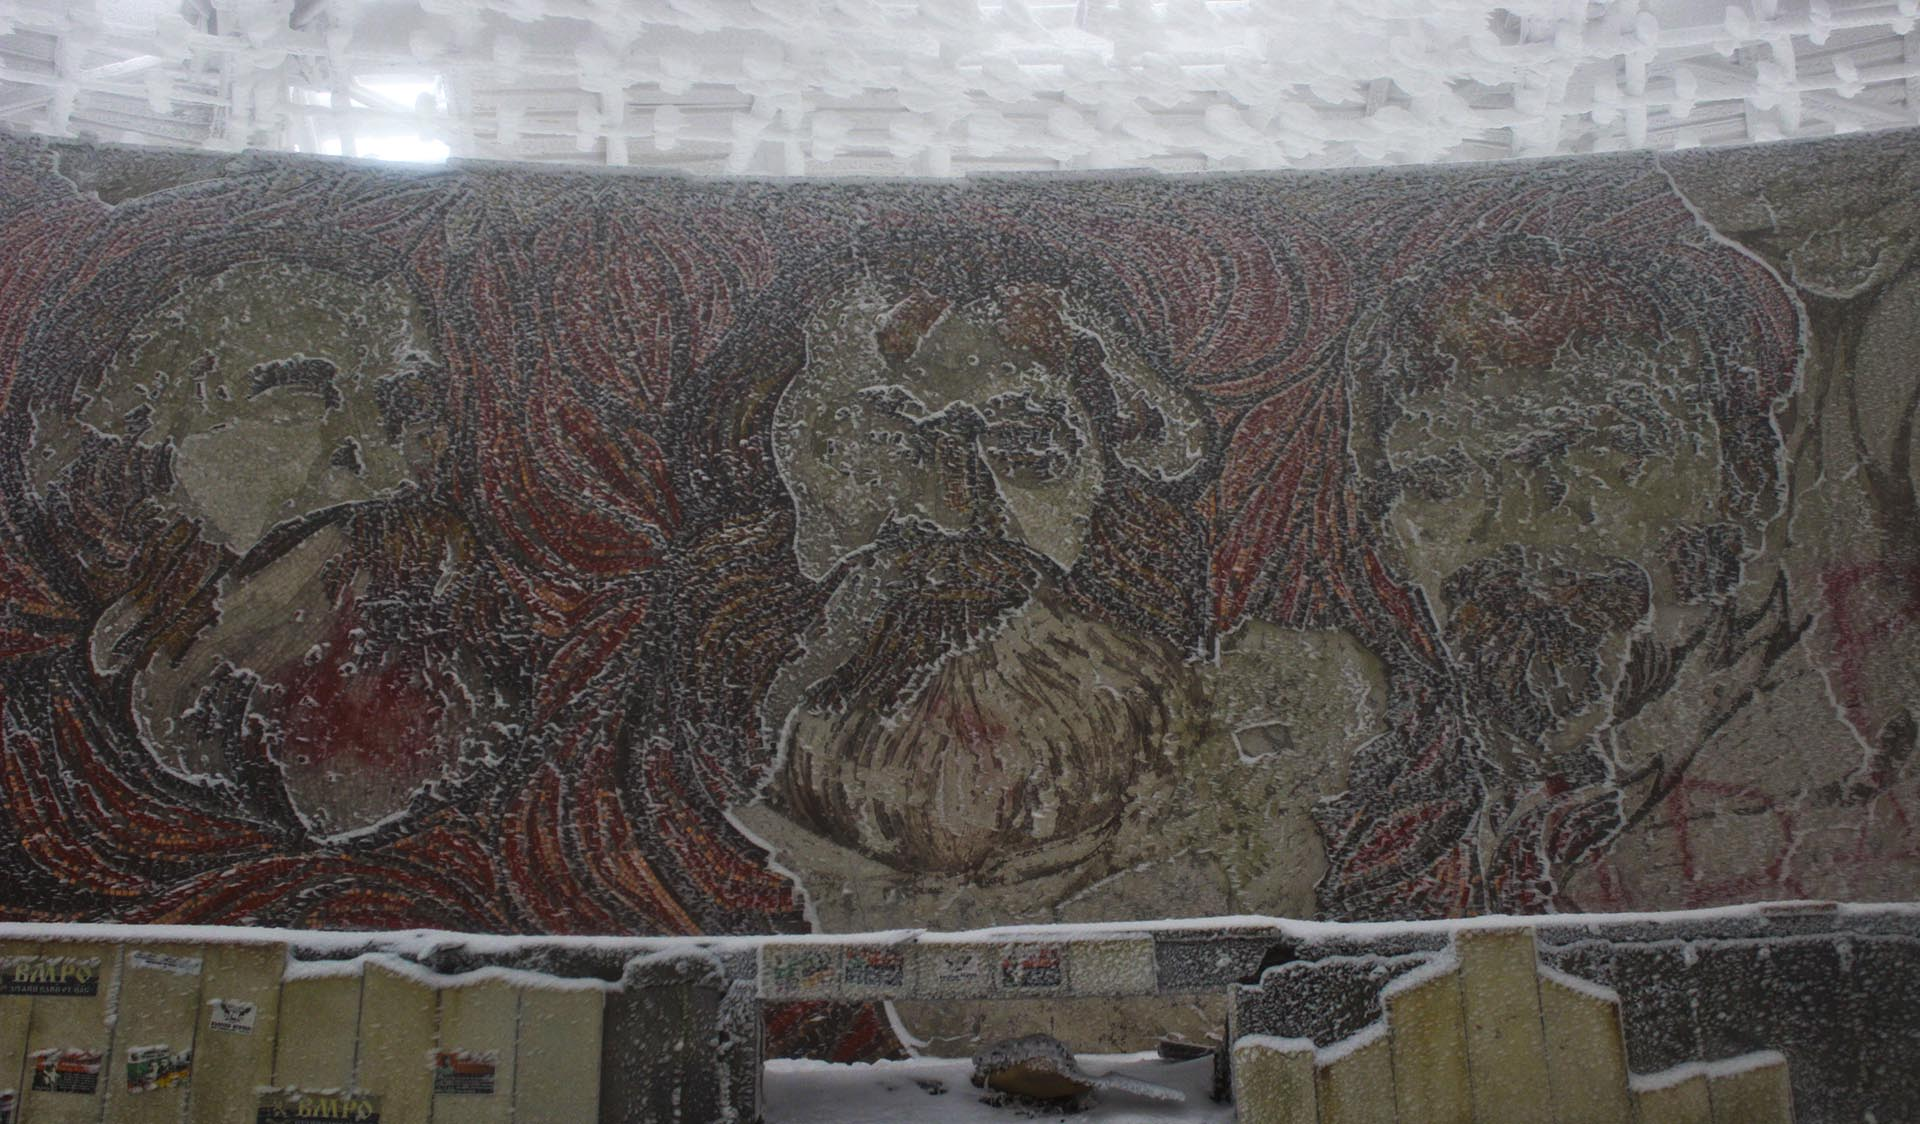 Mosaicos en el auditorio central con los rostros de Karl Marx, Friedrich Engels y Vladimir Lenin.